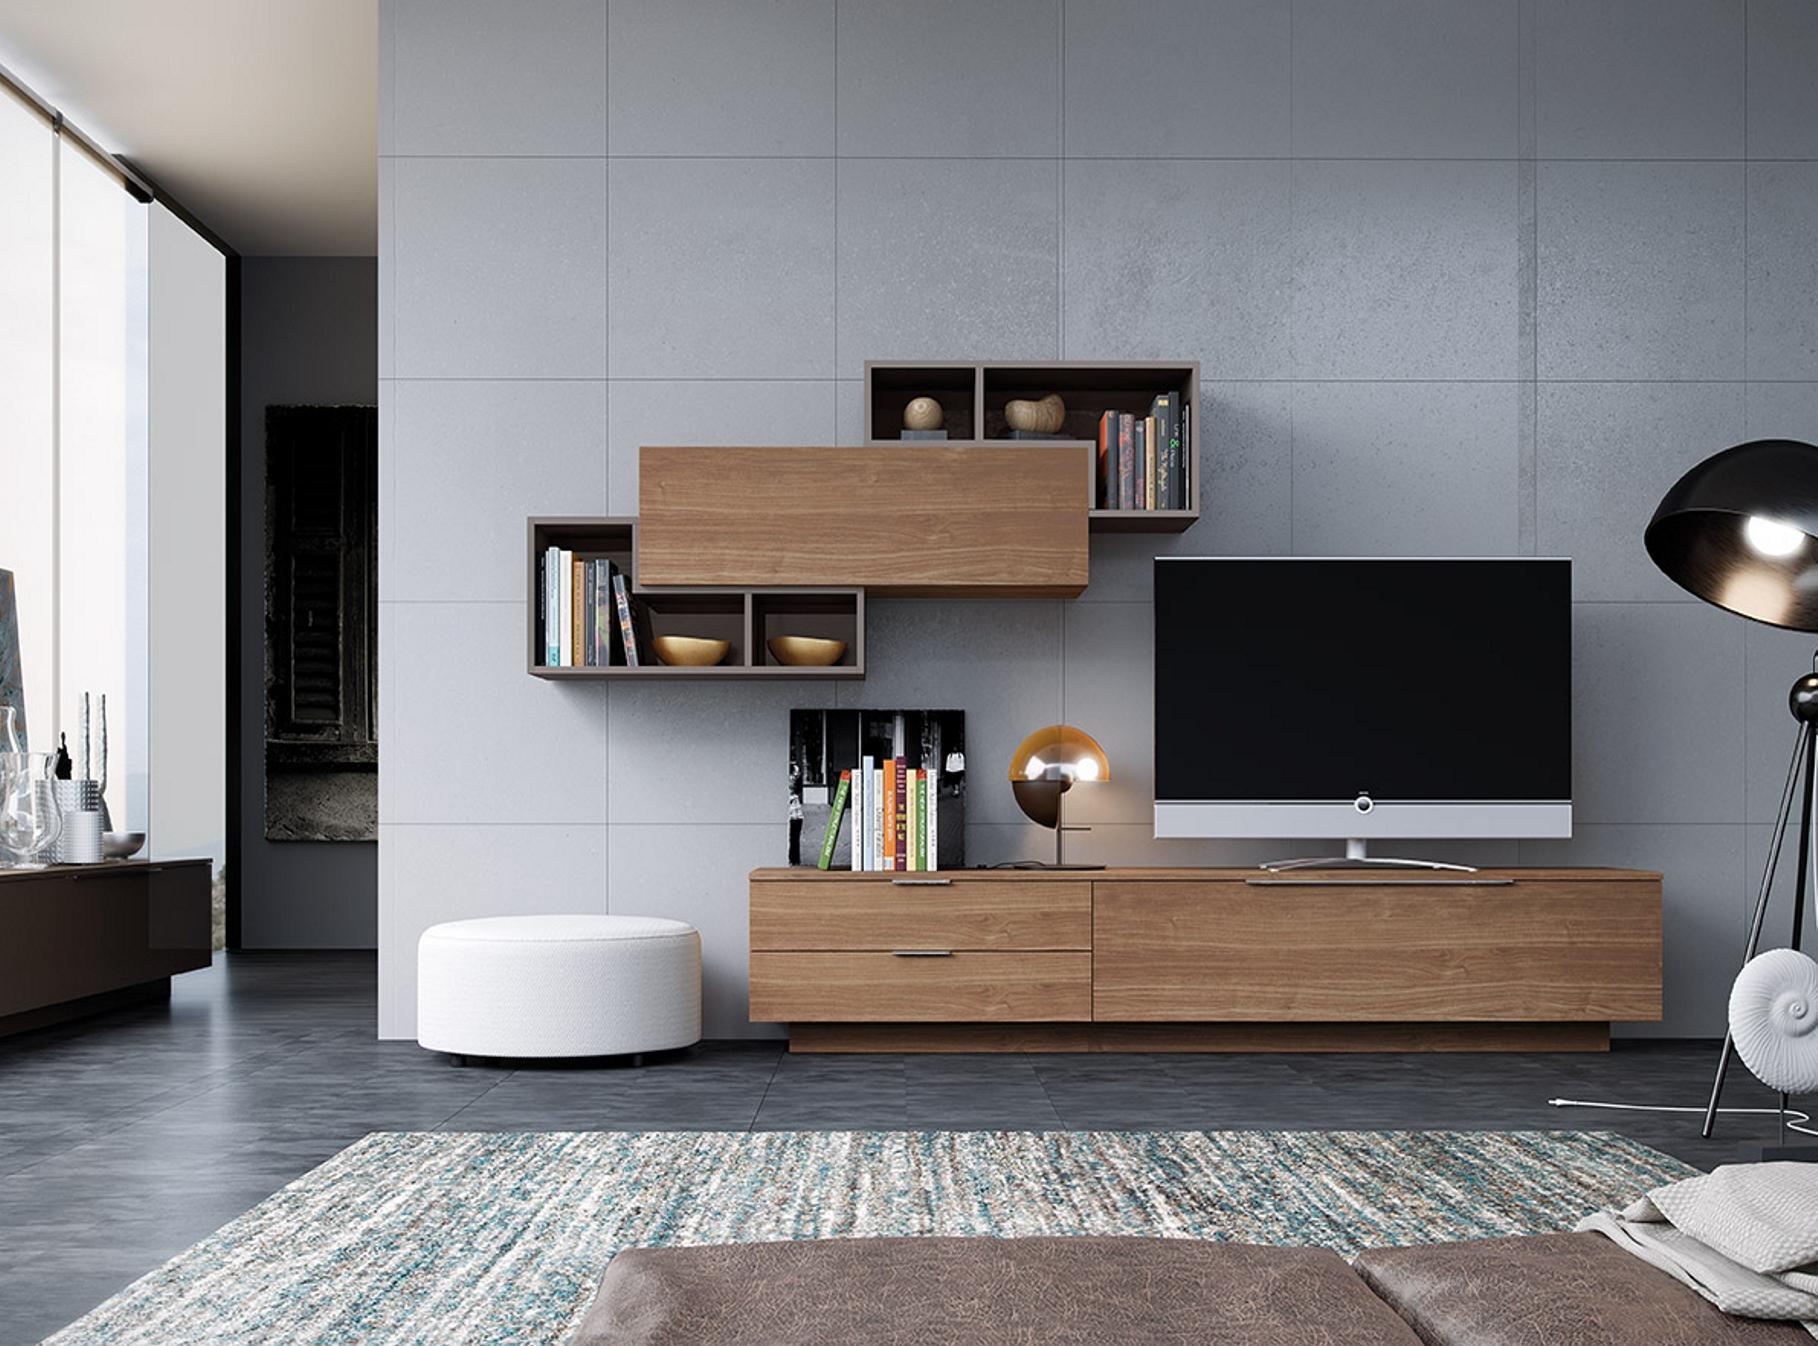 salon-moderno-Zion-3.0-muebles-paco-caballero-0907-5c8d32e7800e5